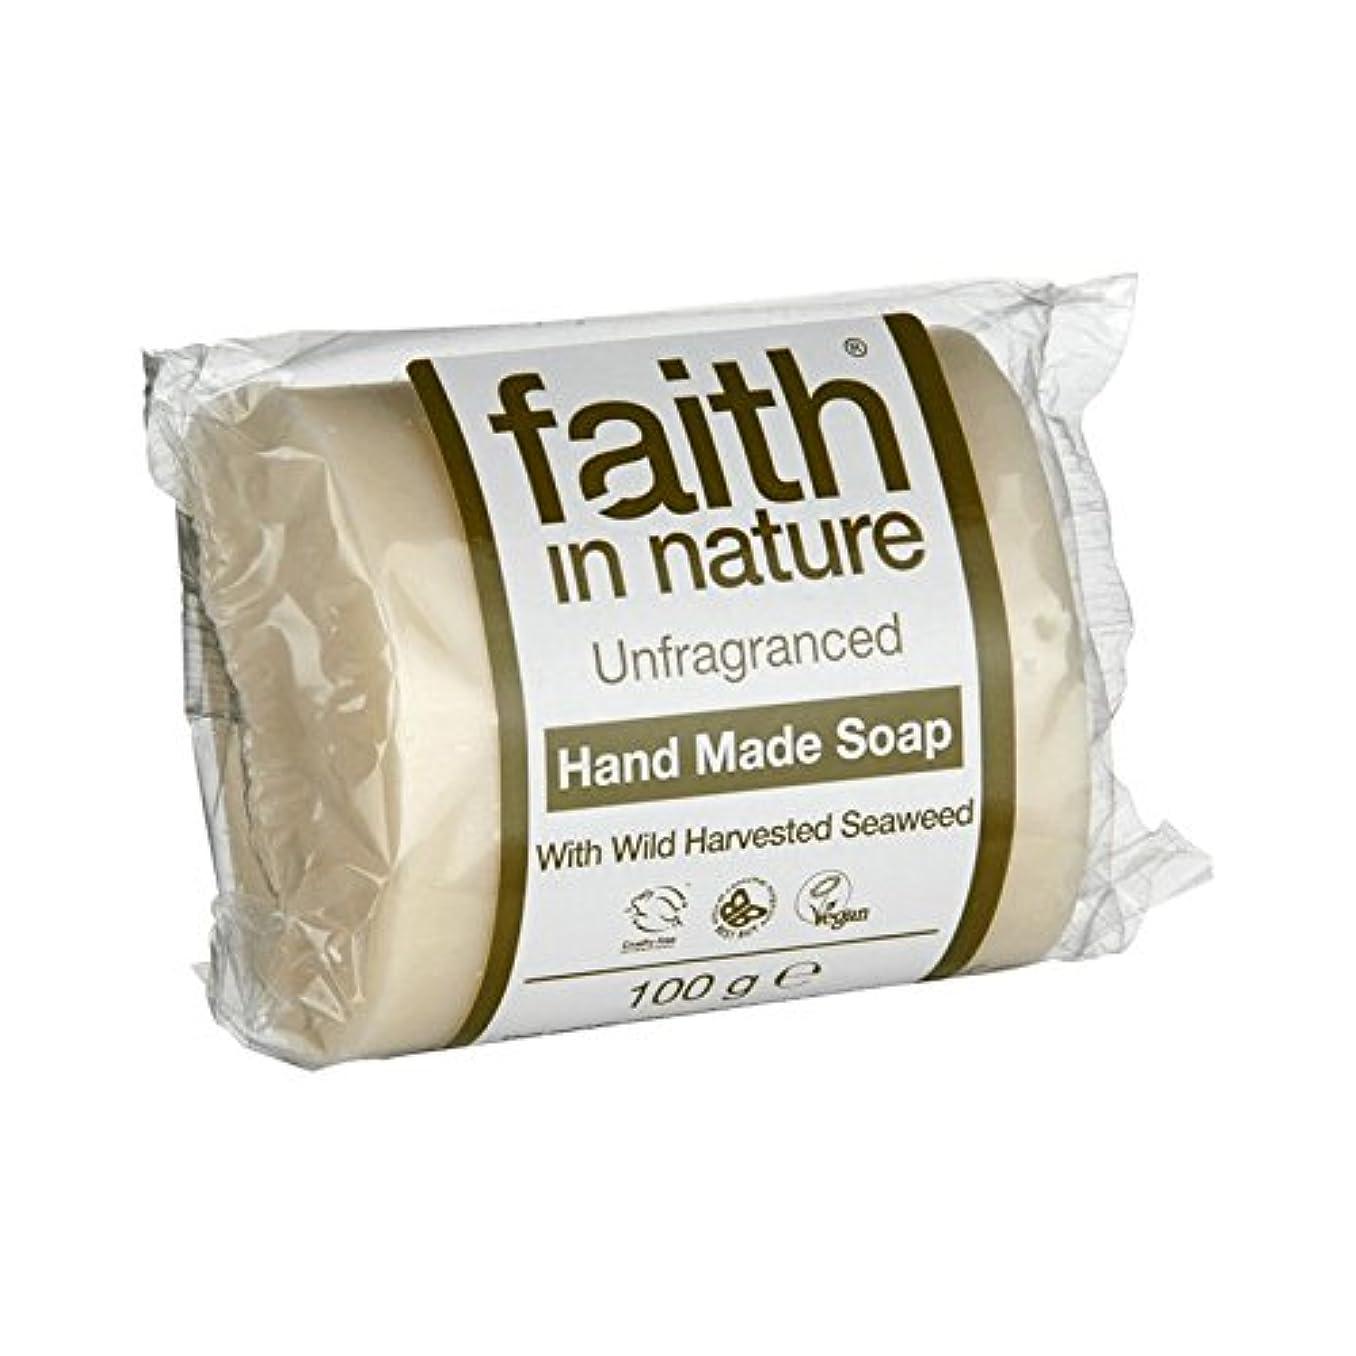 クラス外科医準備Faith in Nature Unfragranced Seaweed Soap 100g (Pack of 2) - 自然無香料海藻石鹸100グラムの信仰 (x2) [並行輸入品]